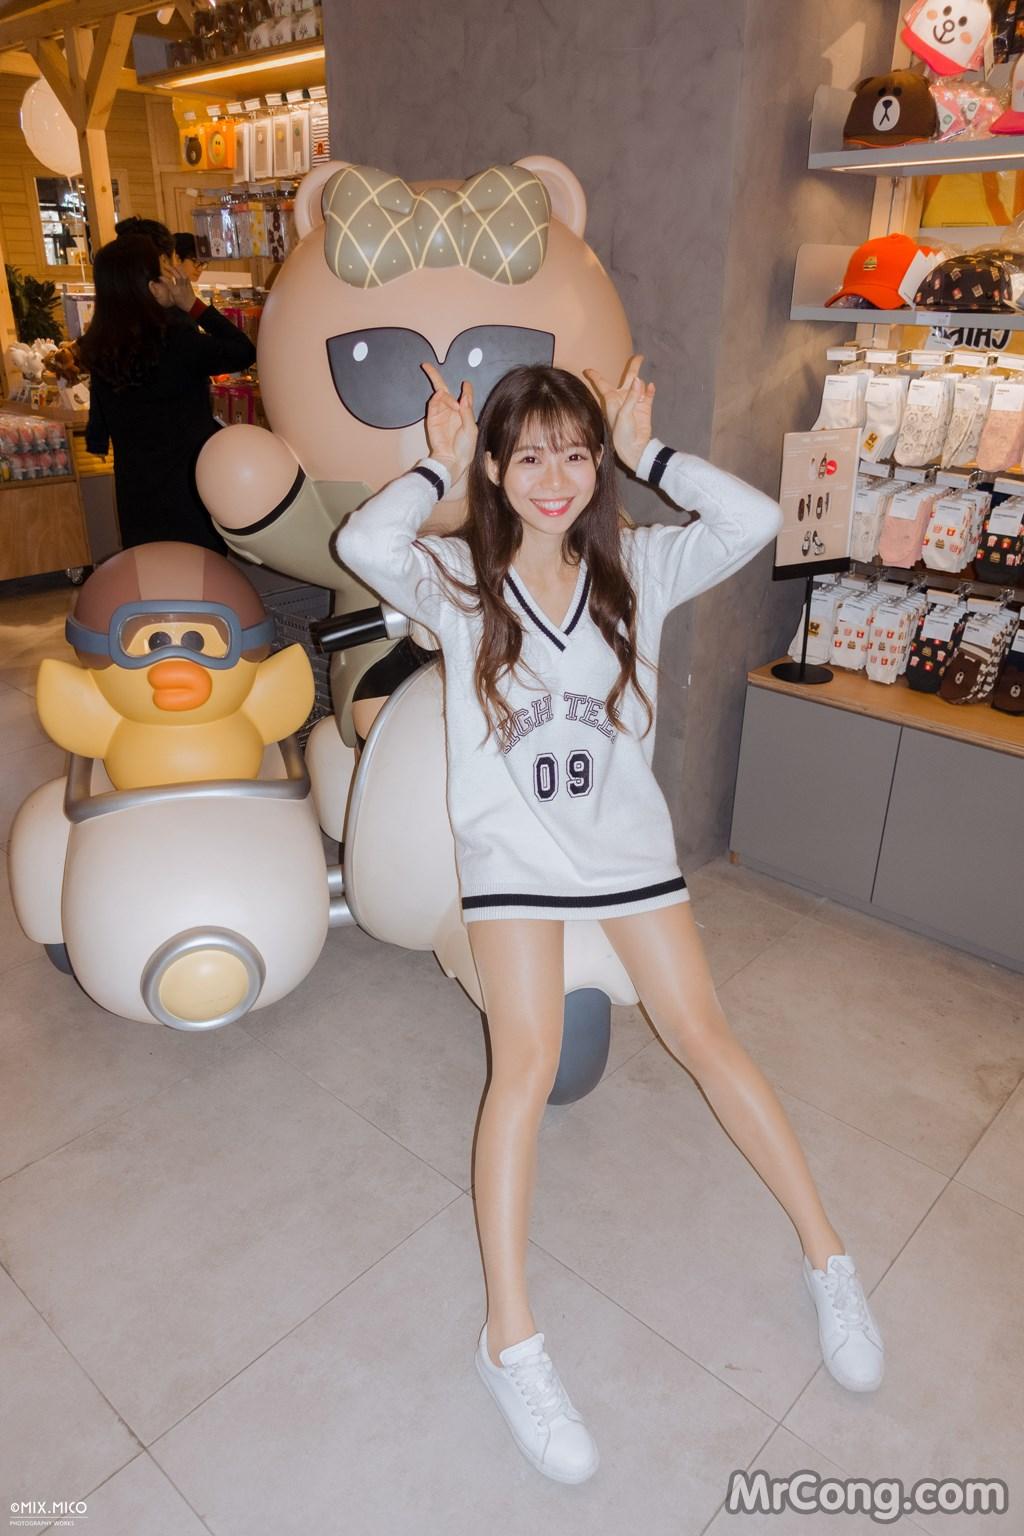 Image MrCong.com-Nguoi-dep-Icey-Chau-by-MixMico-006 in post Cô nàng Icey Chau (艾昔) siêu đáng yêu qua ống kính máy ảnh của MixMico (14 ảnh)